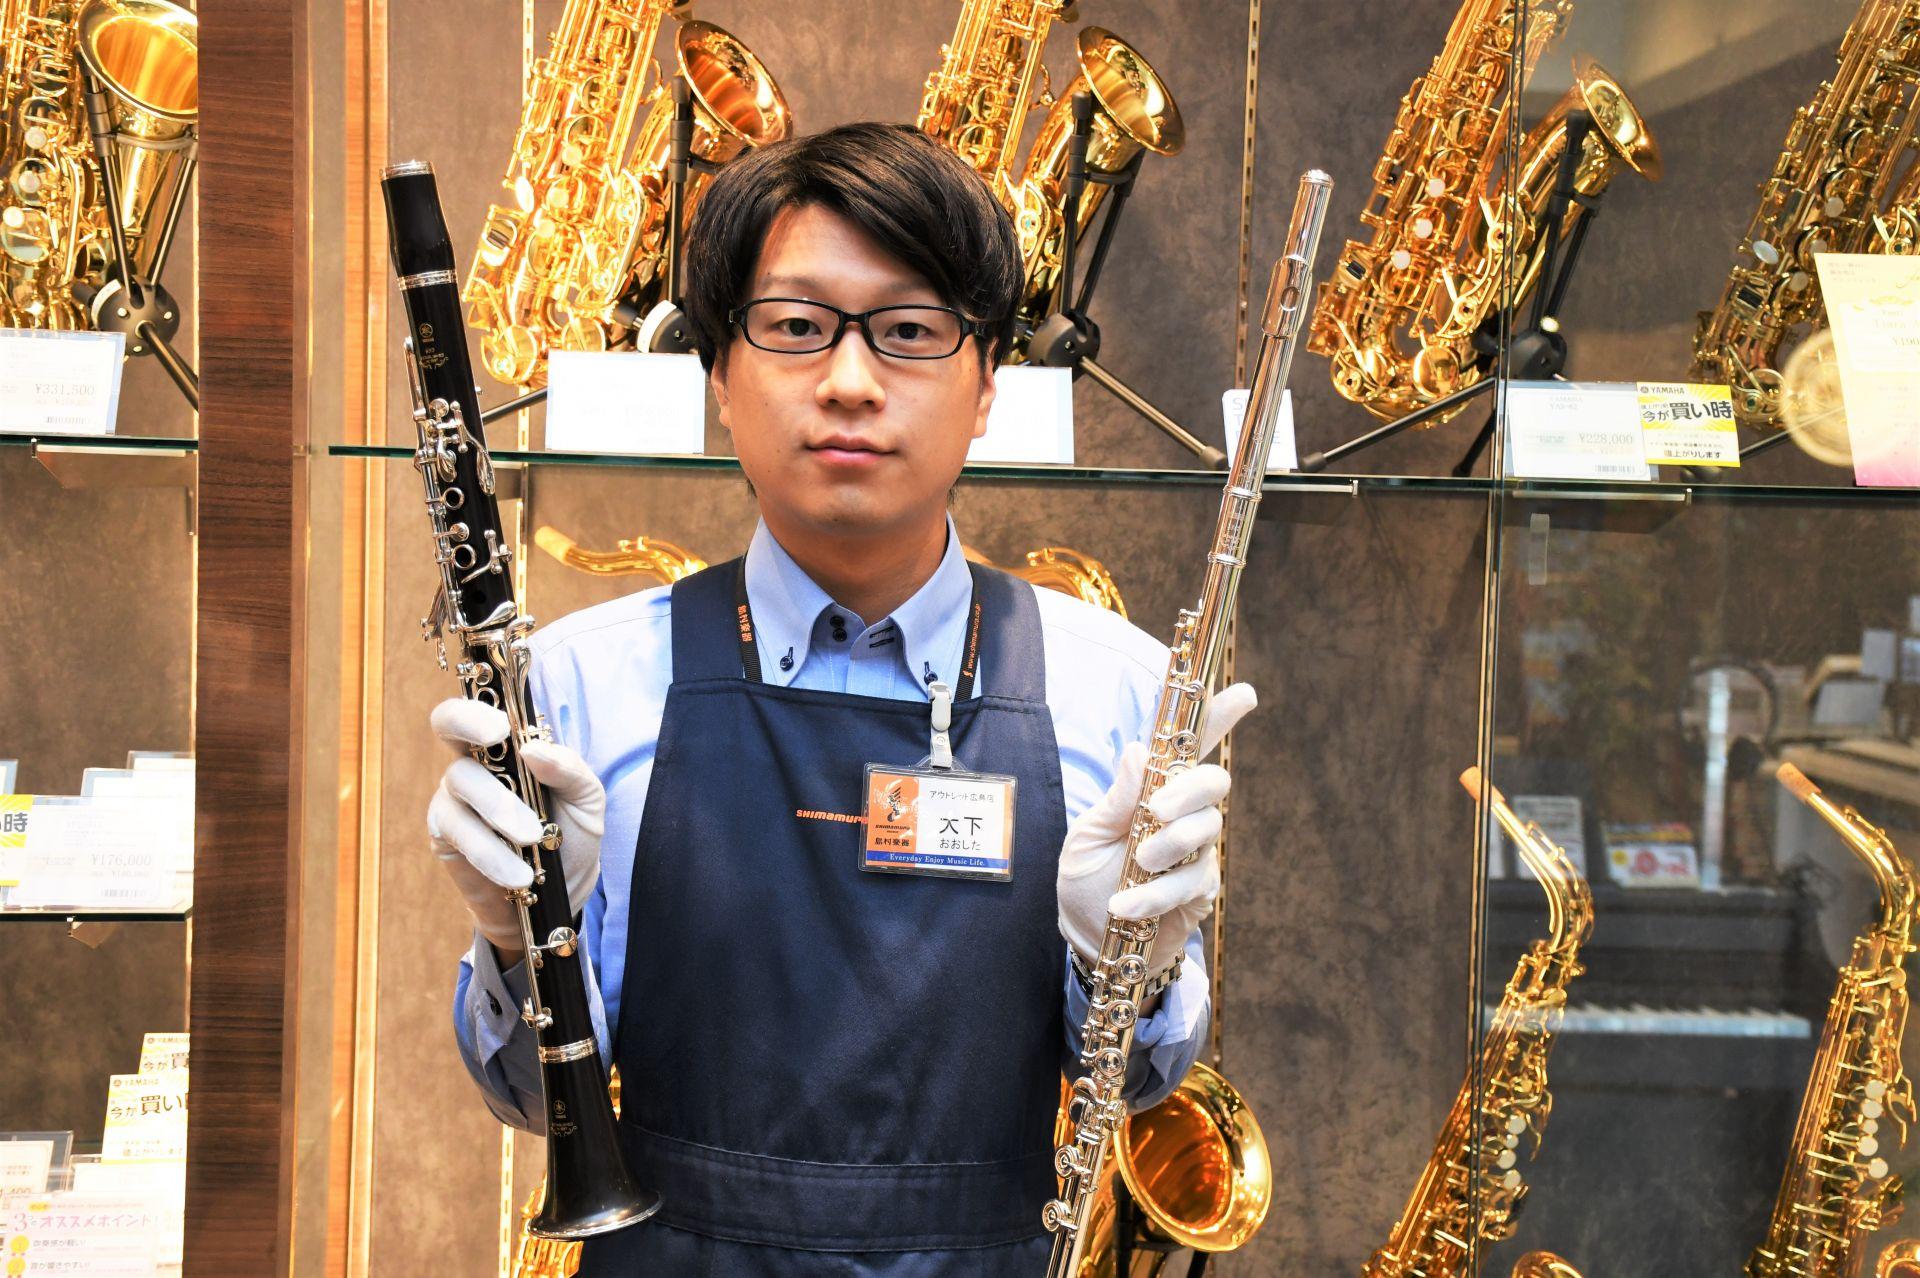 島村楽器 アウトレット広島店 管楽器担当 大下